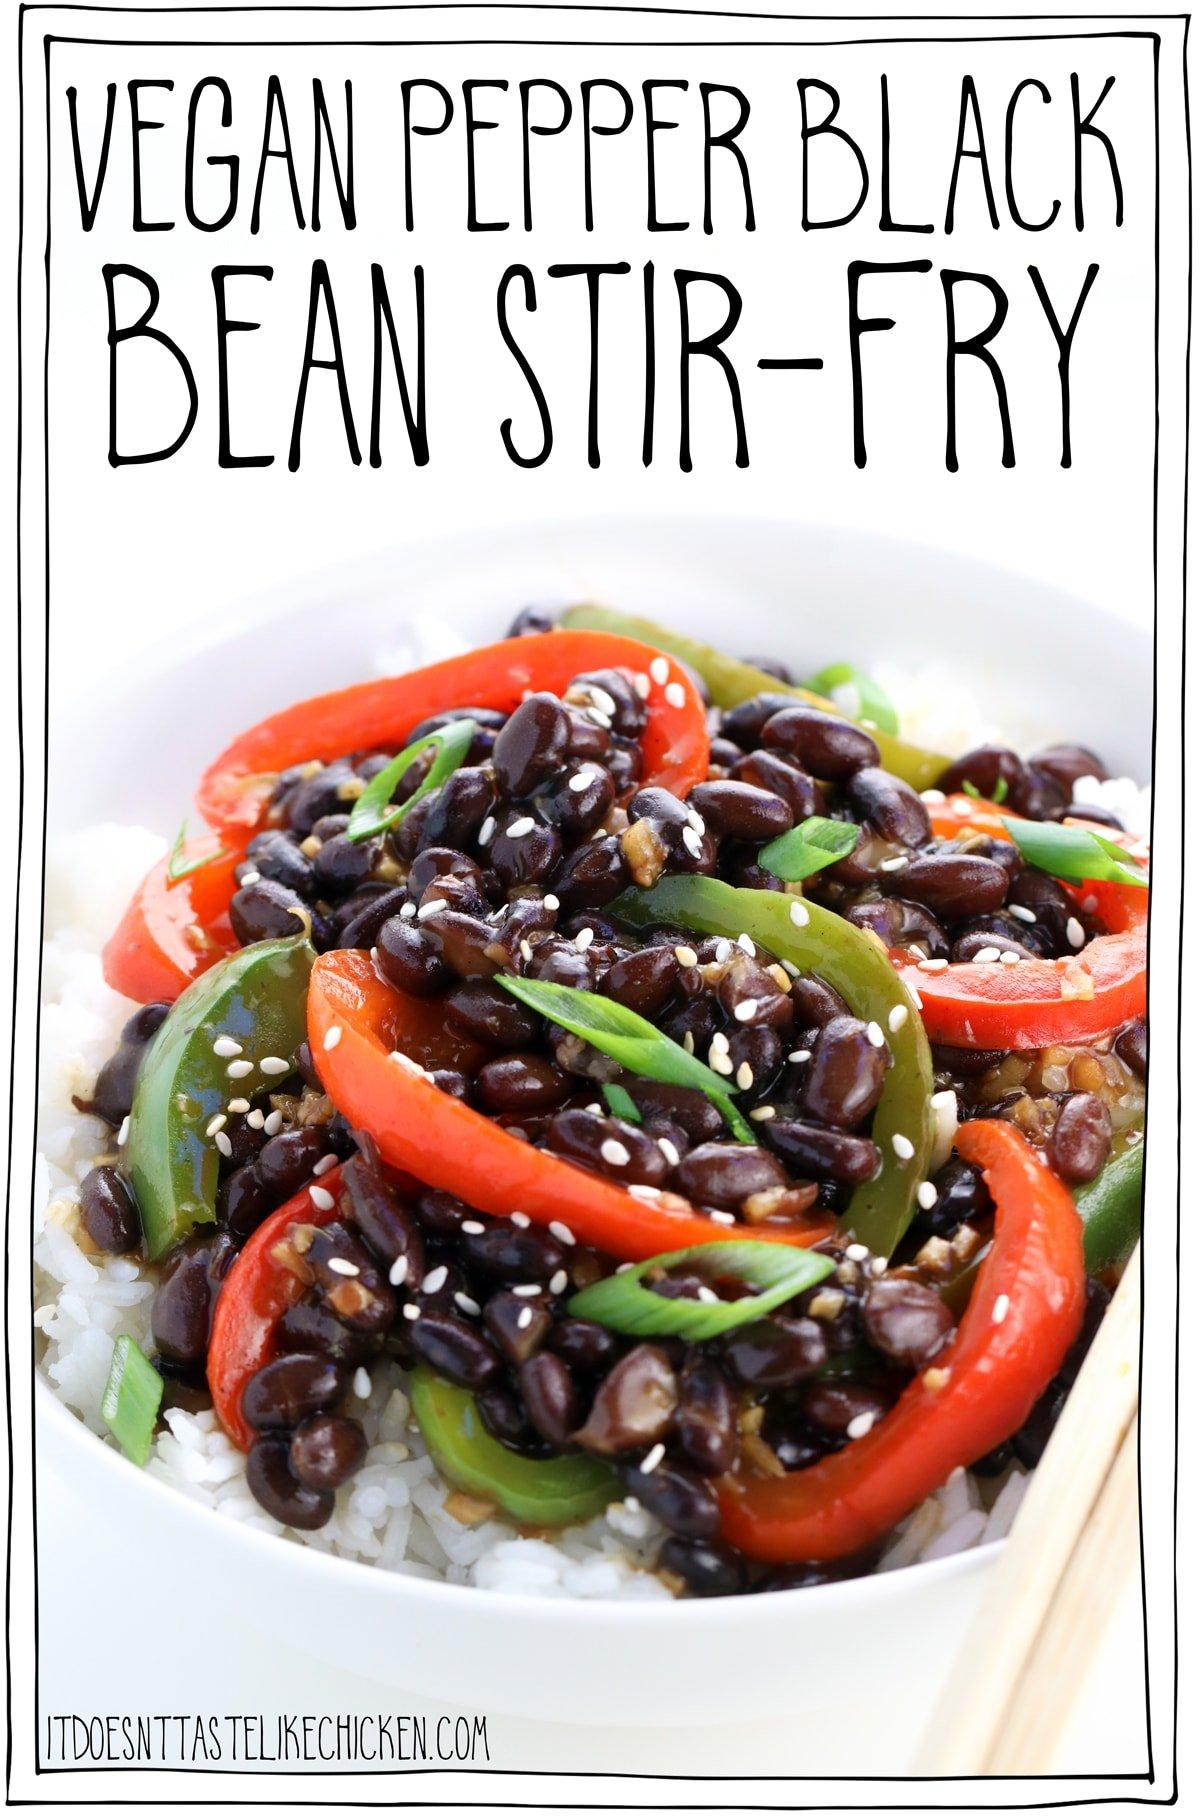 Vegan Pepper Black Bean Stir Fry Vegan Pepper Steak It Doesn T Taste Like Chicken